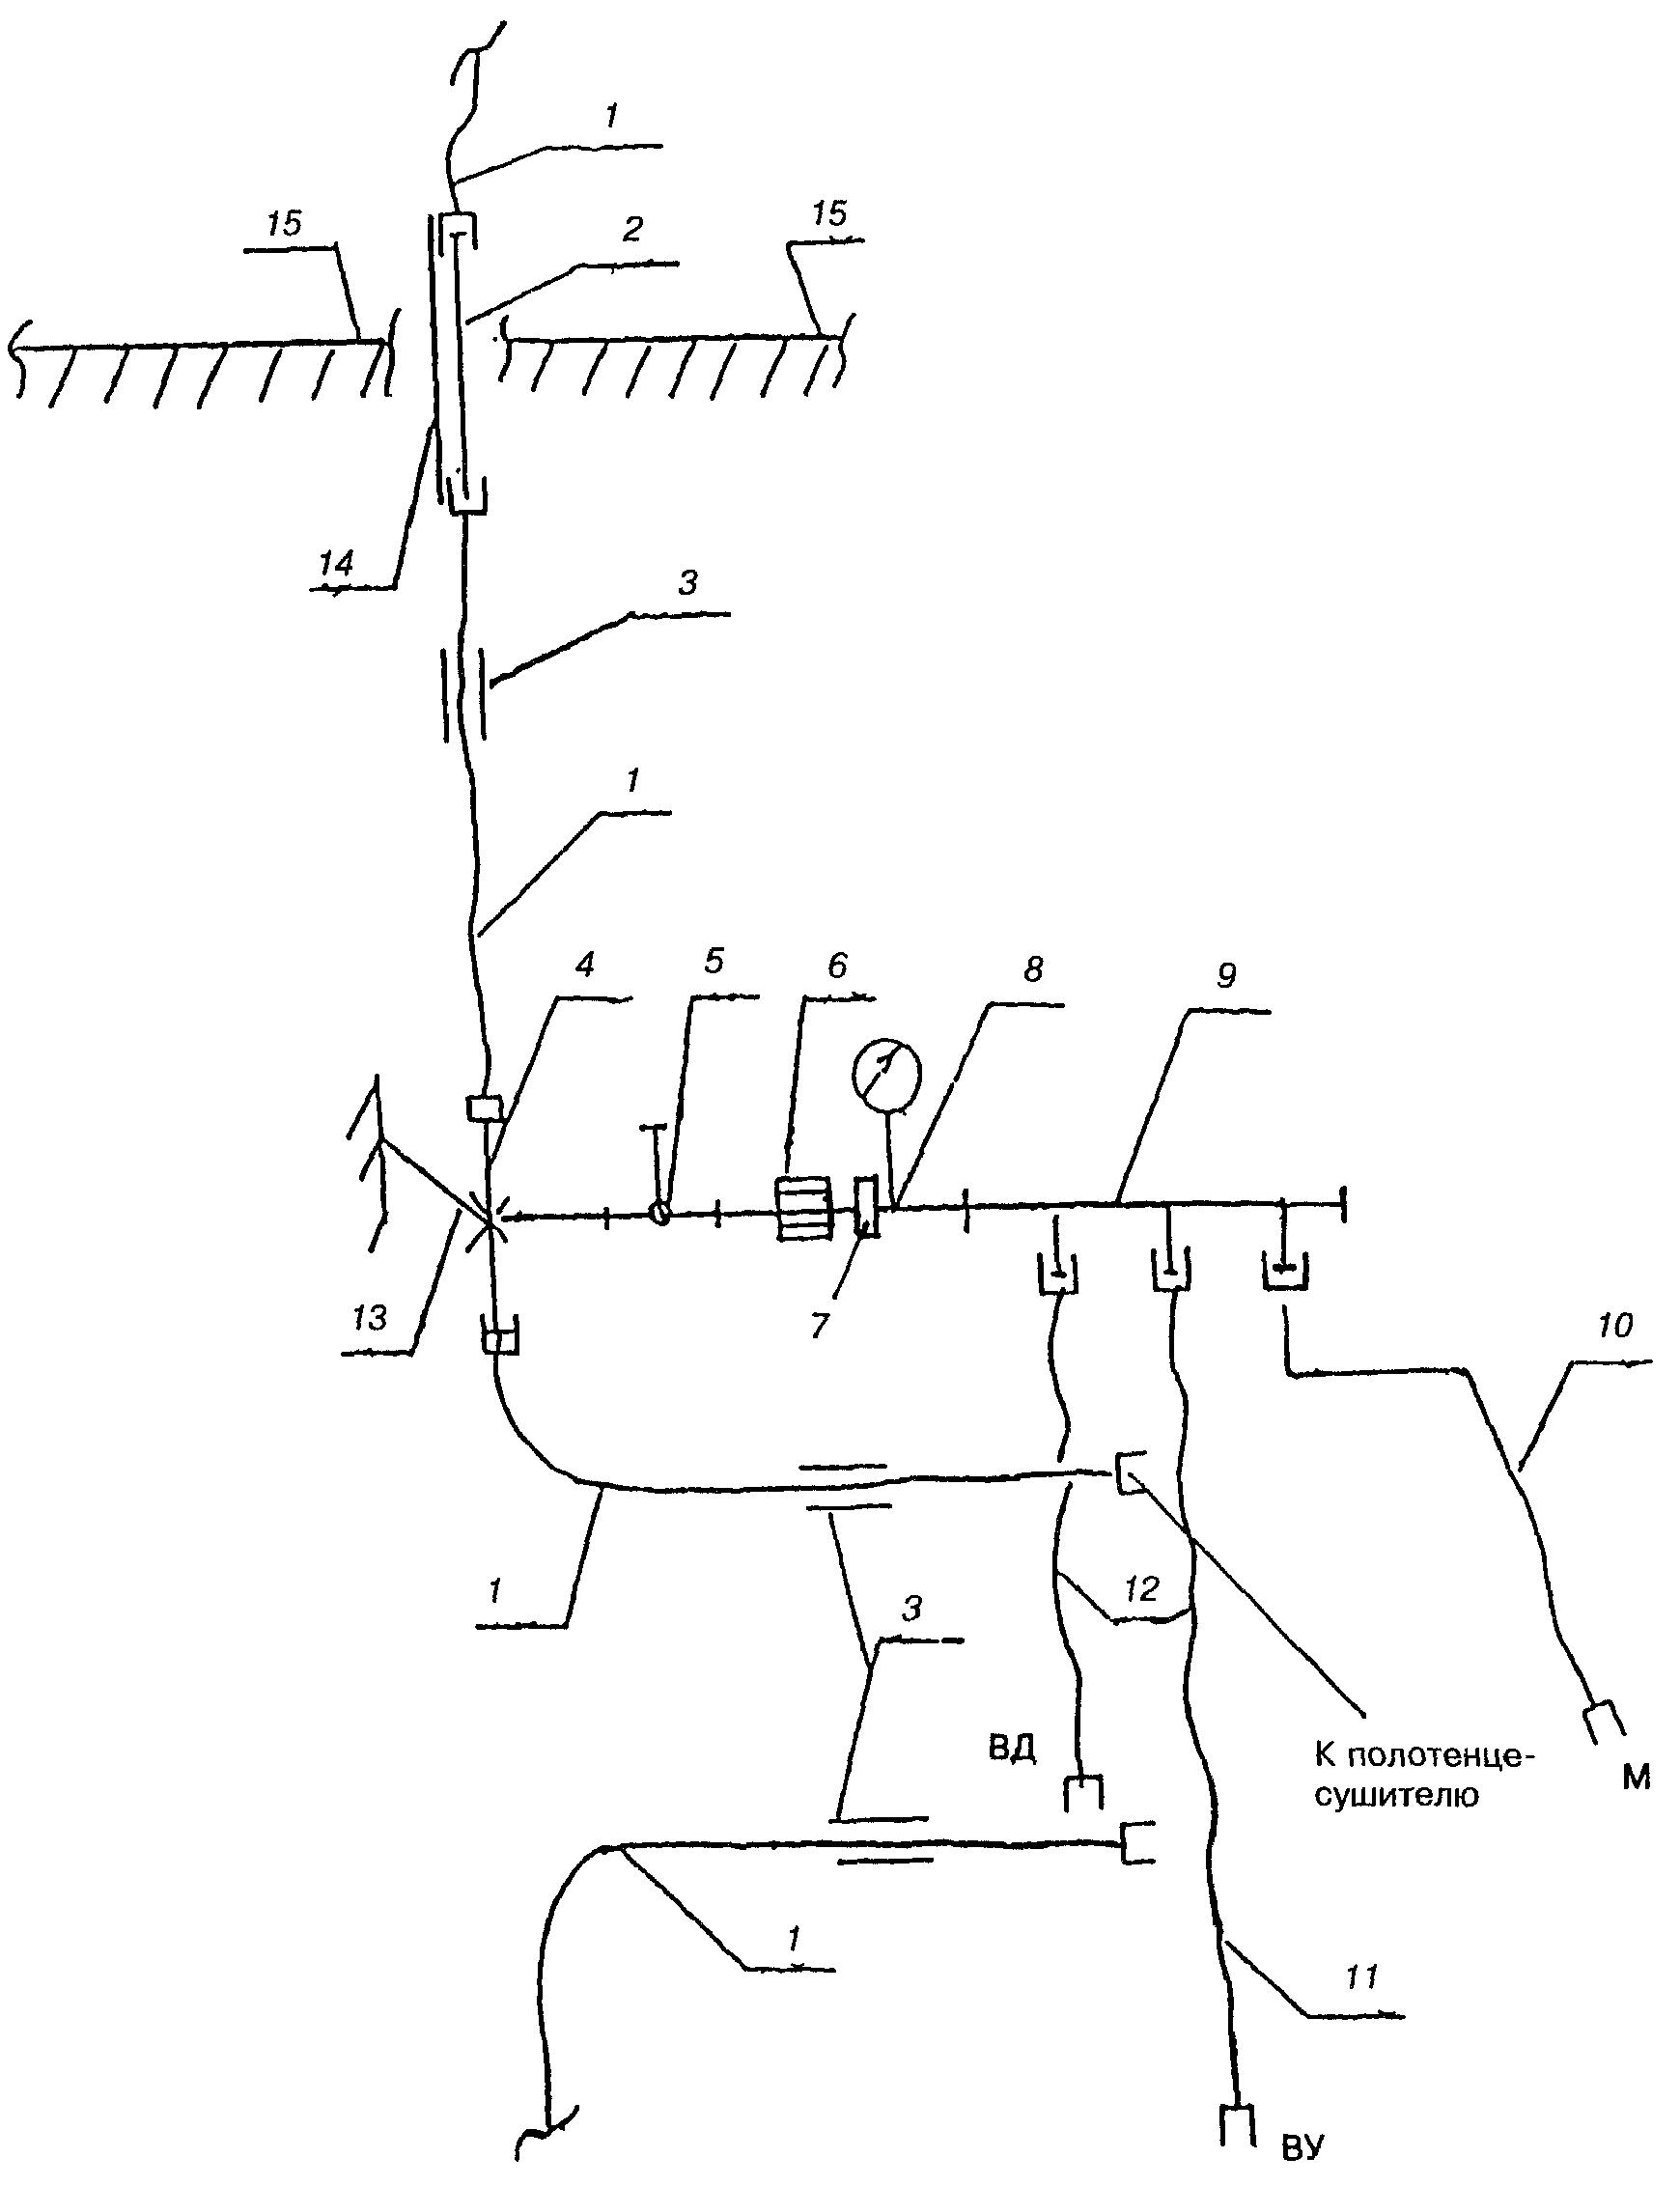 переходная муфта обозначение на схеме